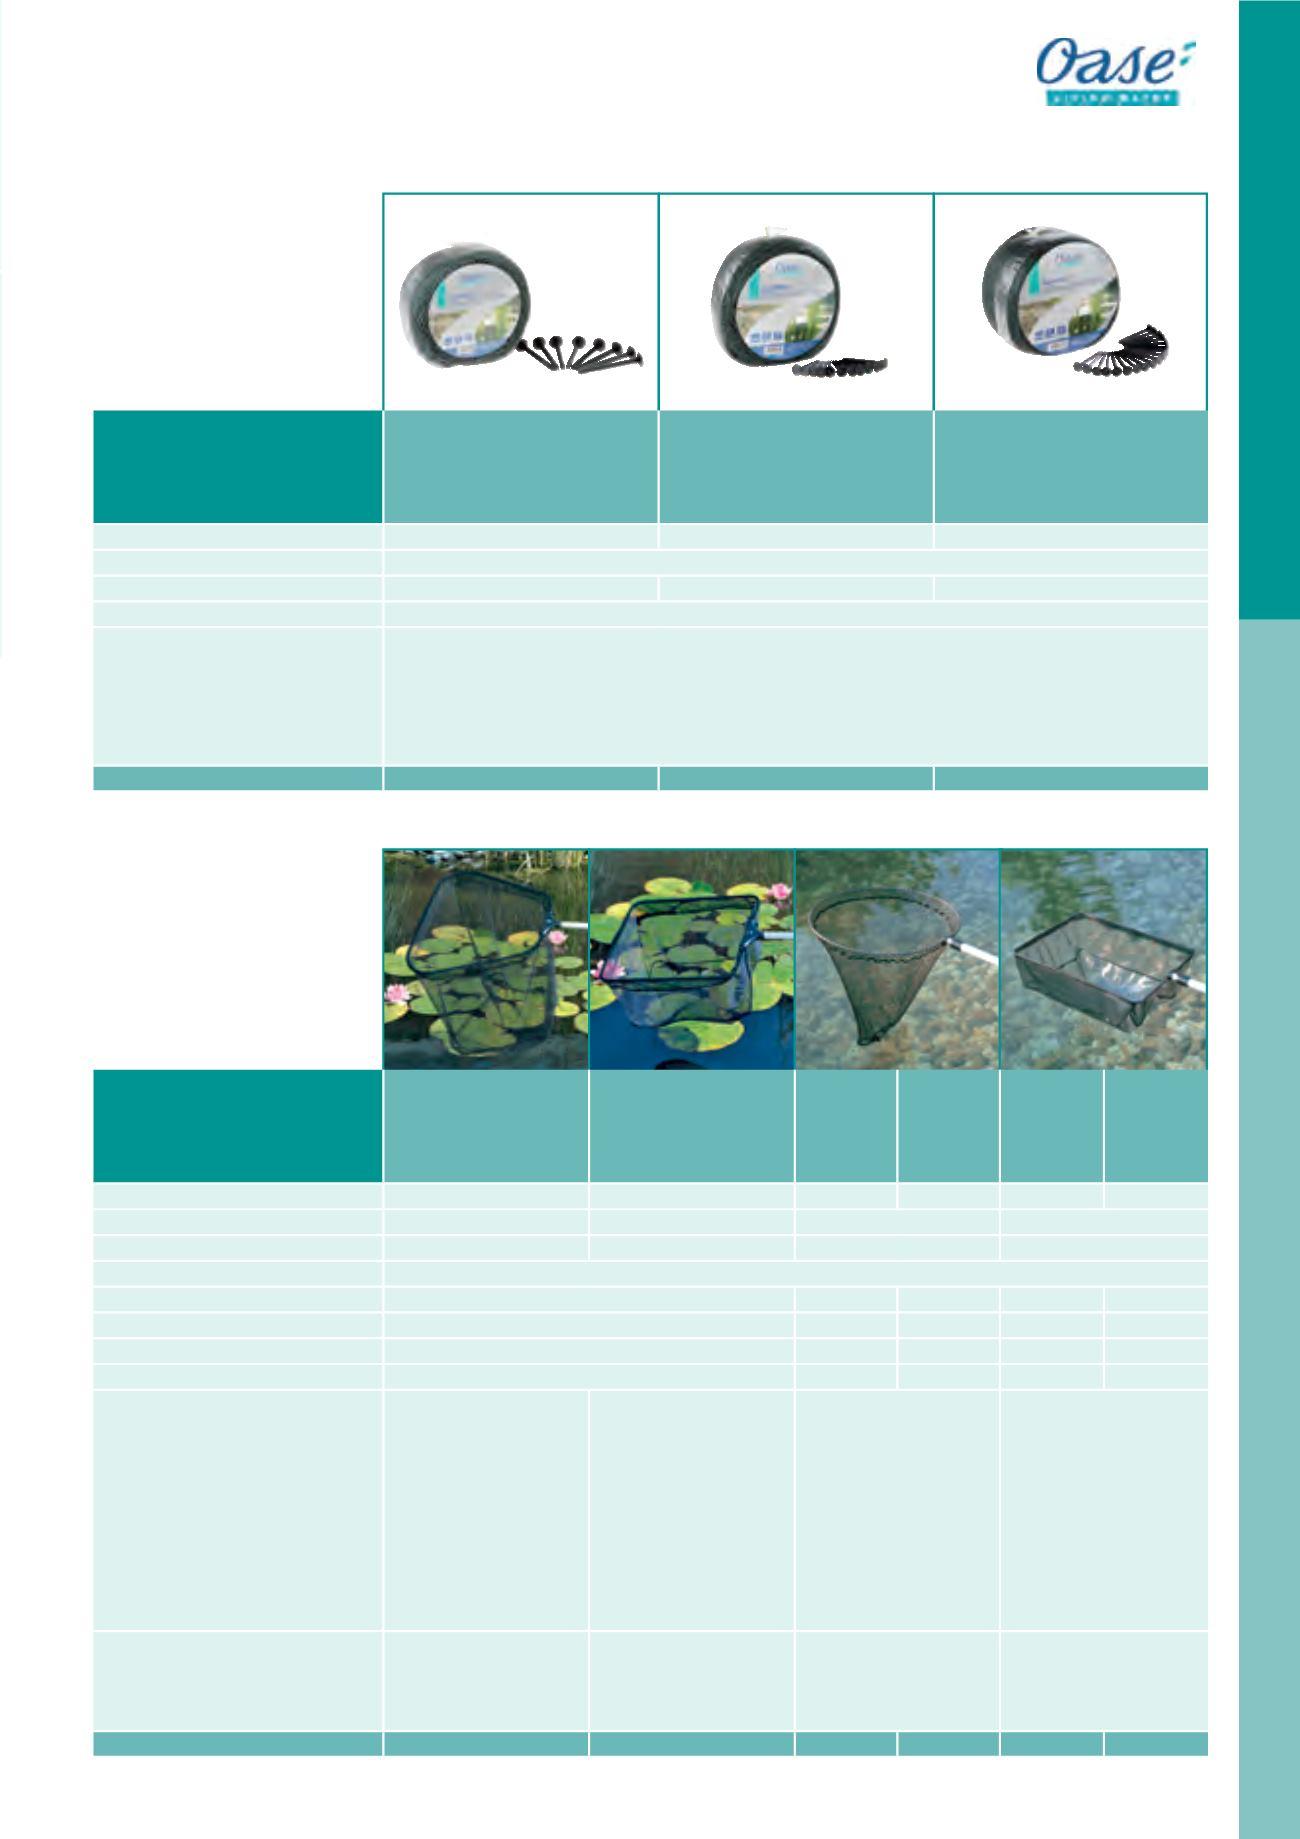 Oase 53751 AquaNet 1 Filet de Bassin 3 x 4 m